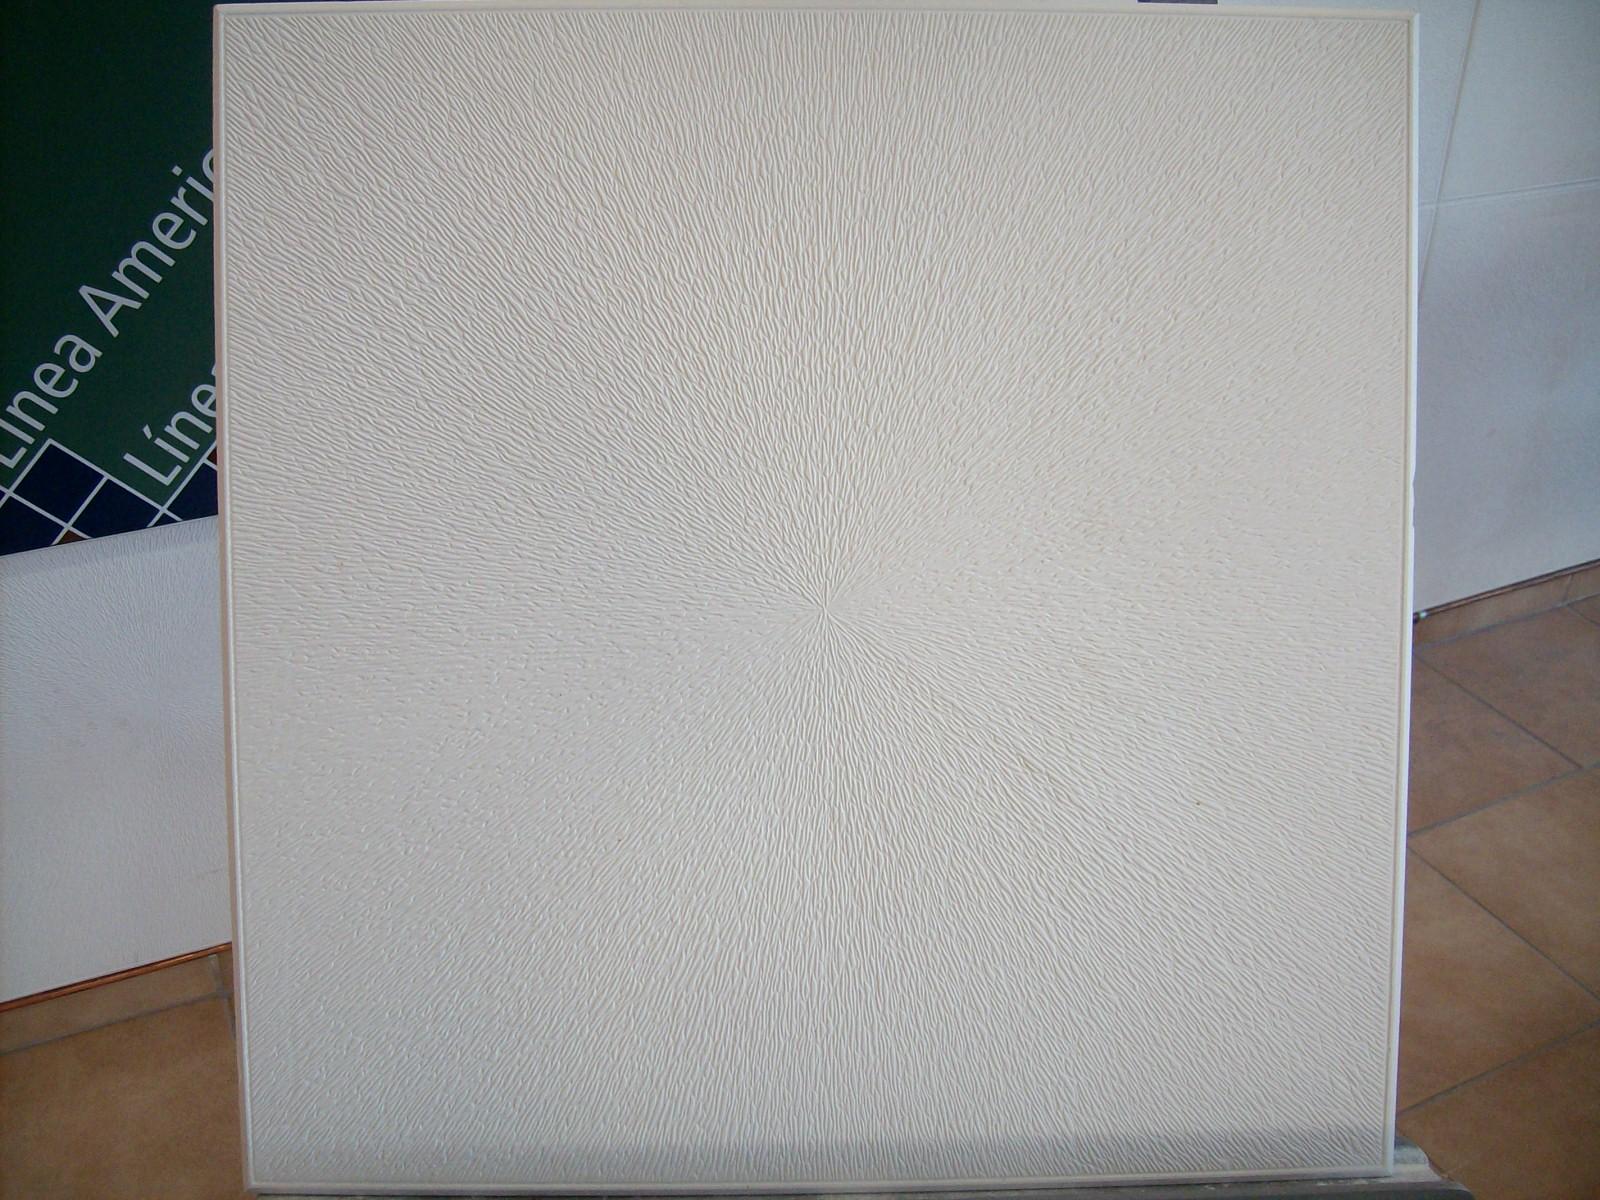 Silvana butto asociados julio 2010 - Placas para decorar paredes ...